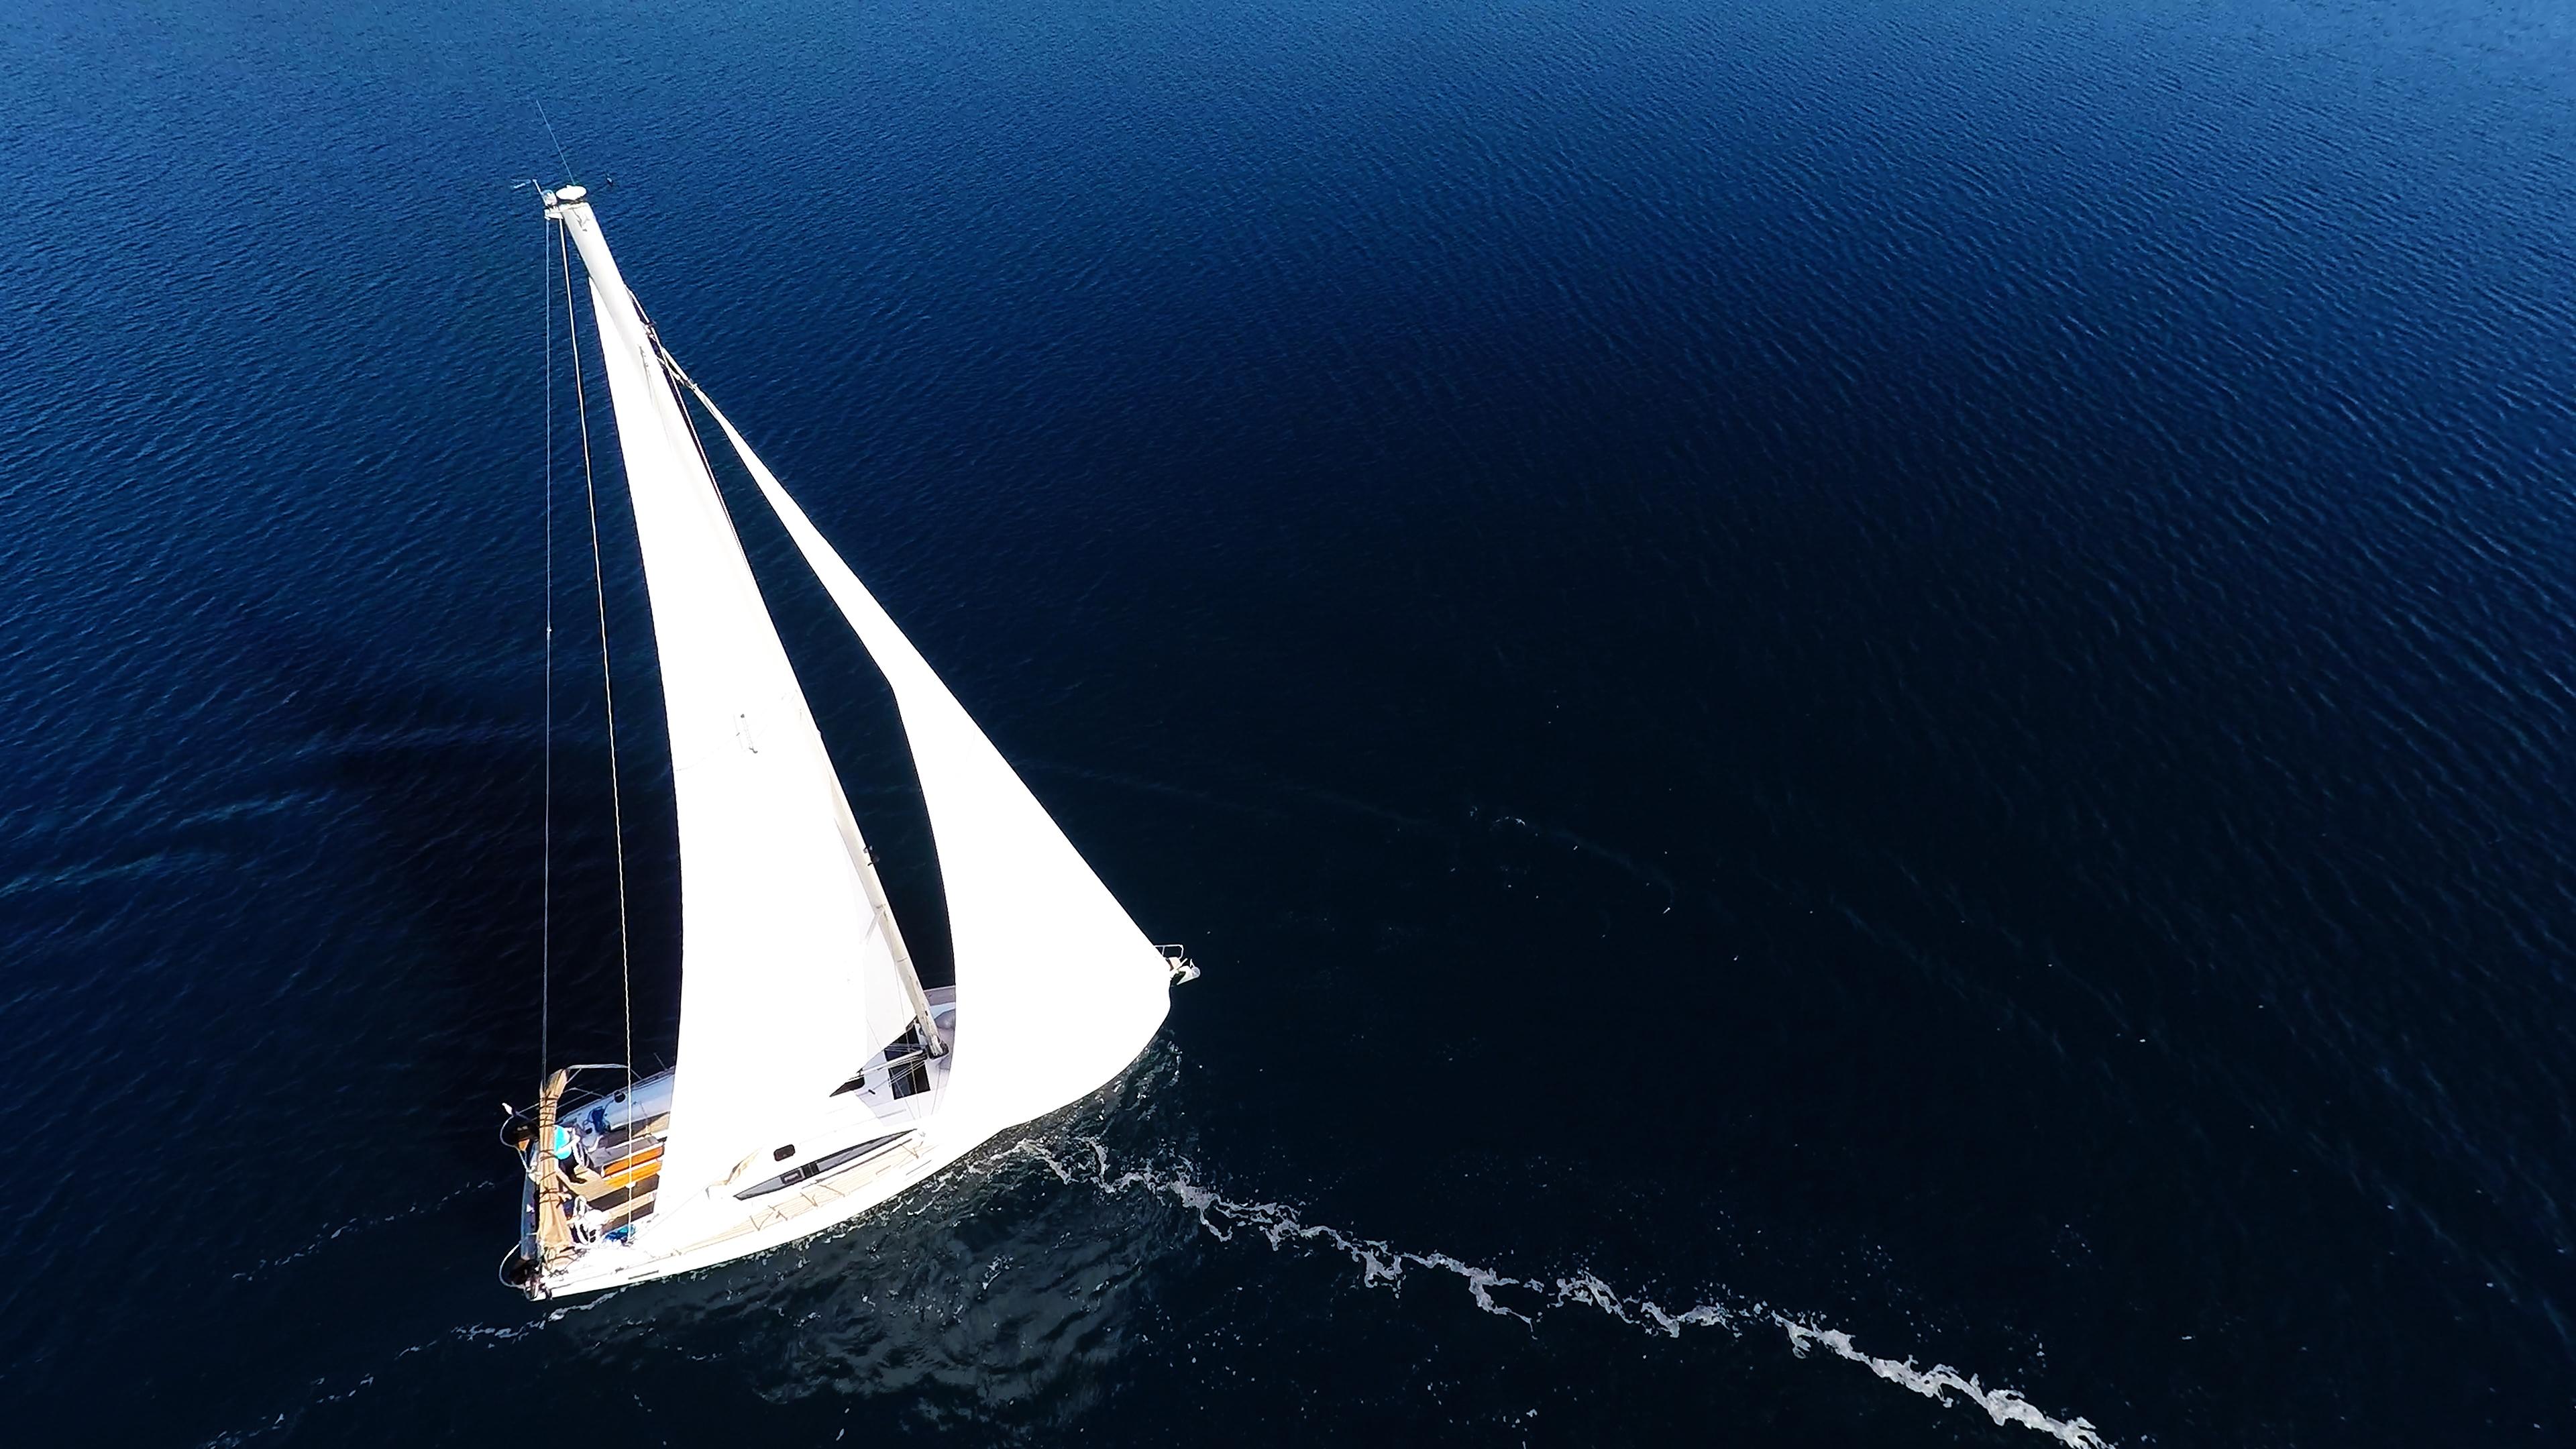 jedra jedrilica elan 45 jedrilica plavo more